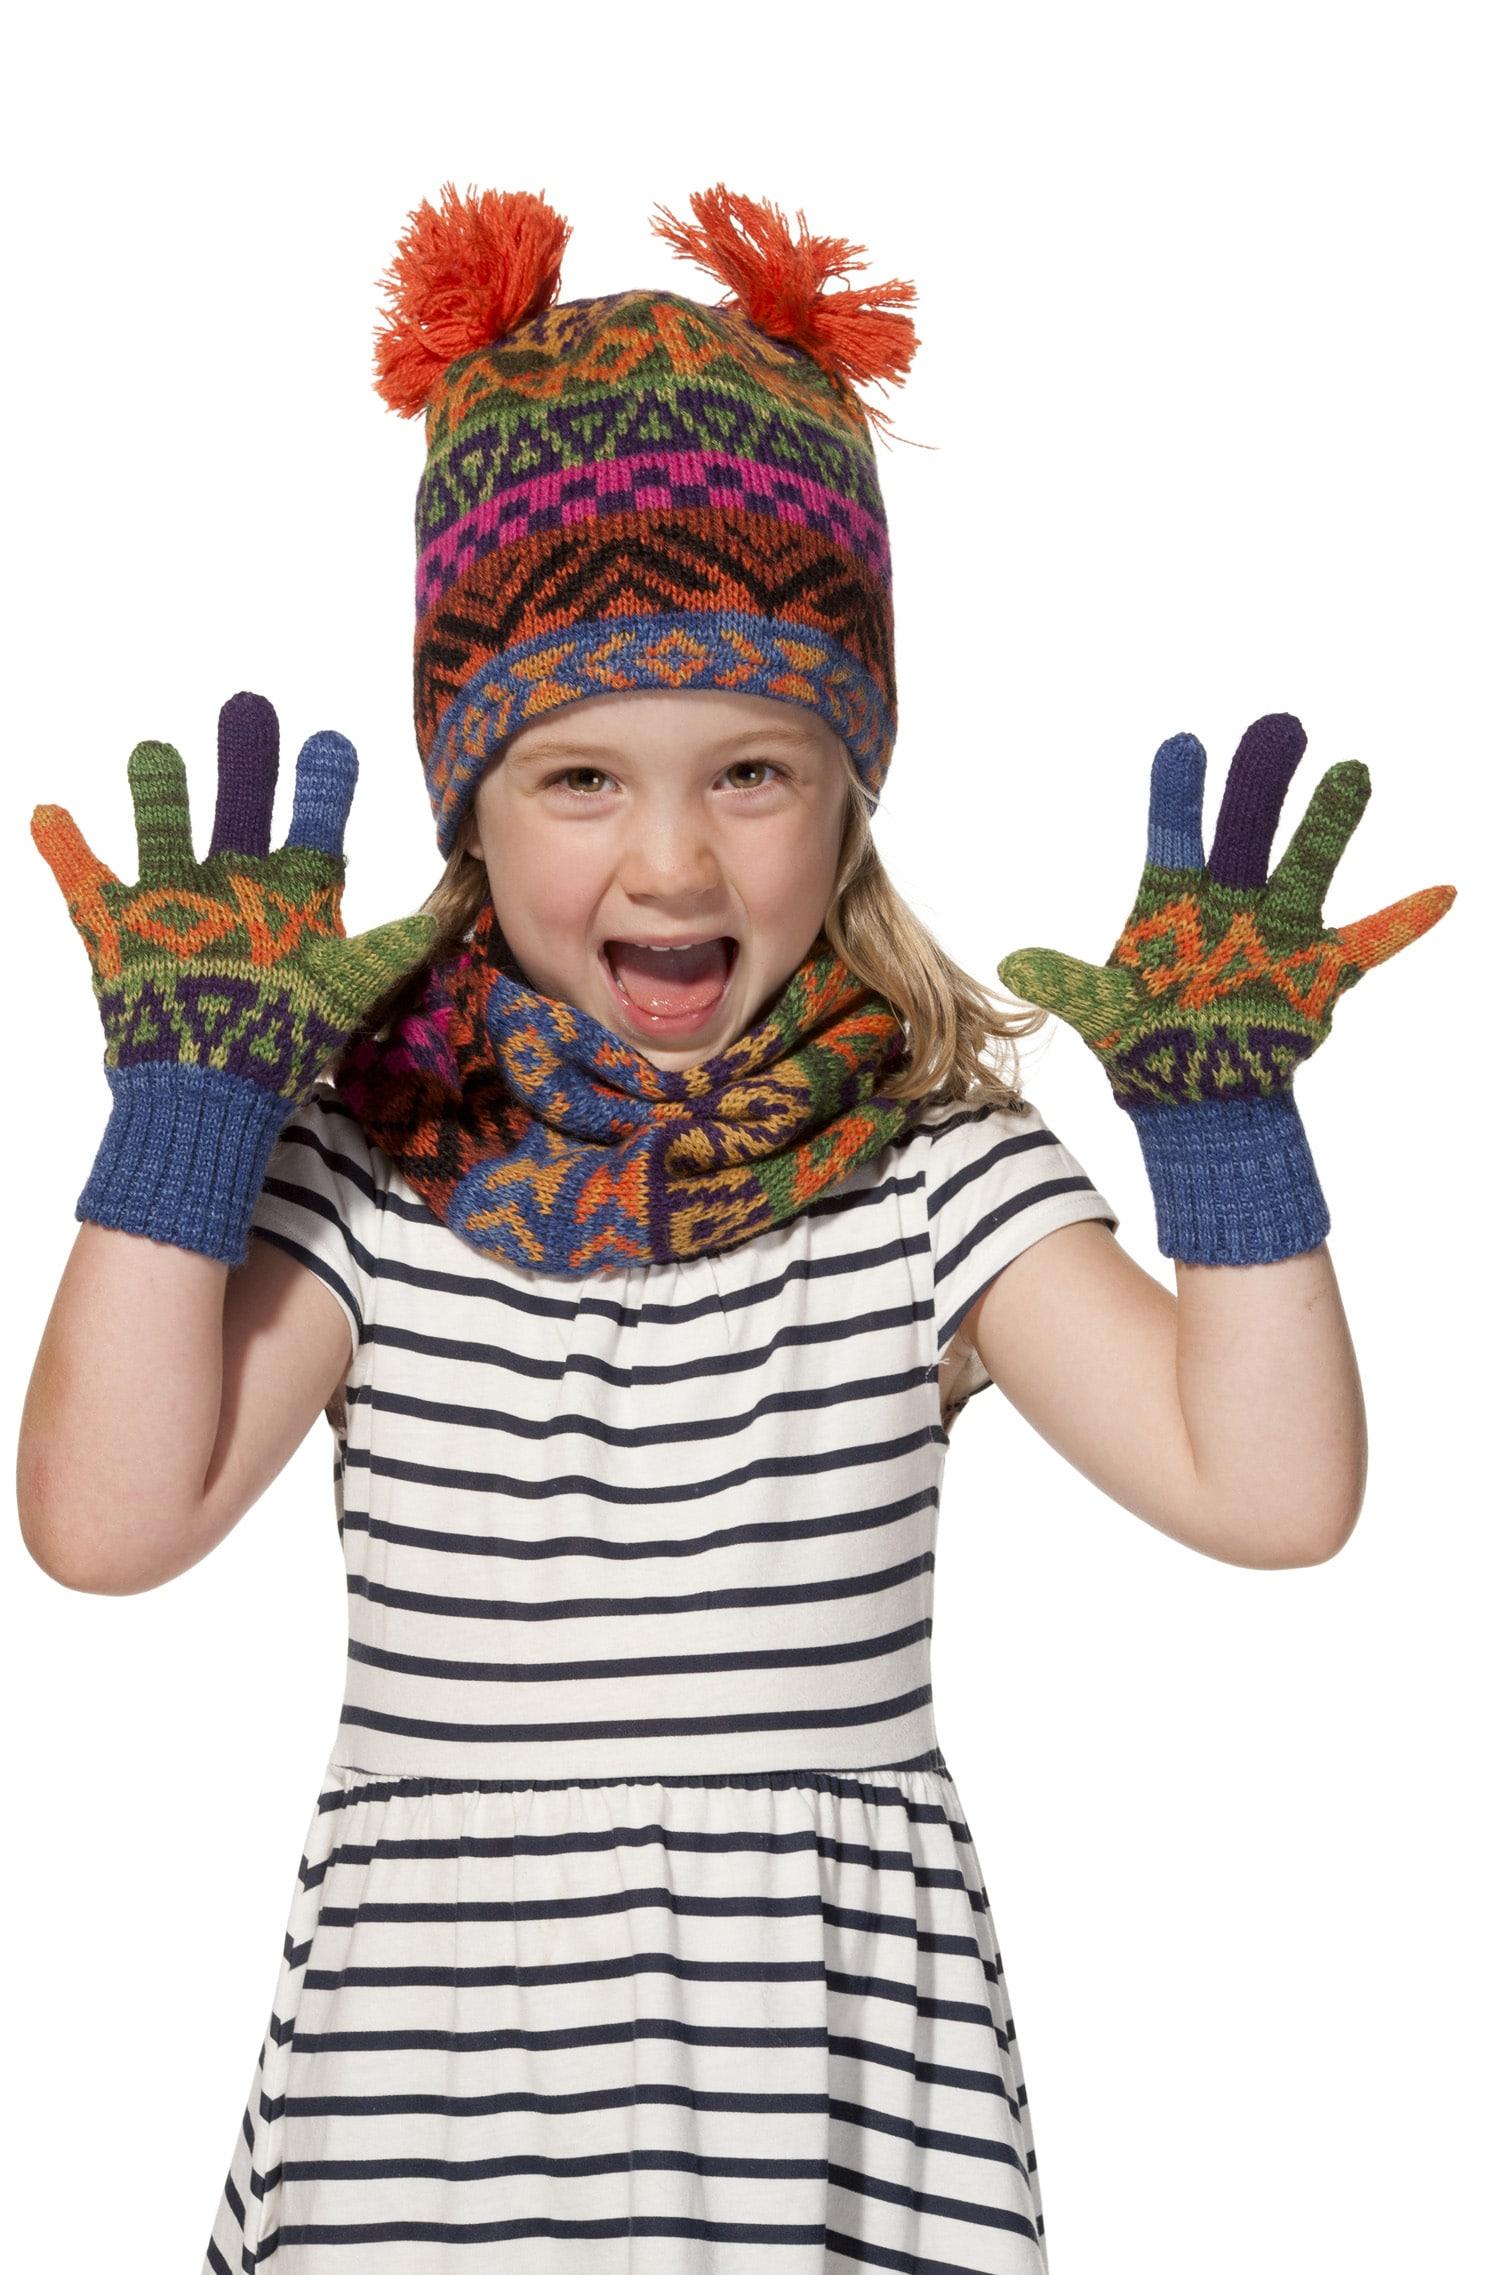 Aquarell fingervanter til børn - Flotte og farverige fingervanter til børnene i alderen 4-6 år. Disse fingervanter skal nok blive en success, med de lyse farver i mønstrene og strikket i den super lækre og bløde baby alpaka uld. Noget ekstra og lidt mere særligt til børnene. Størrelse: 4